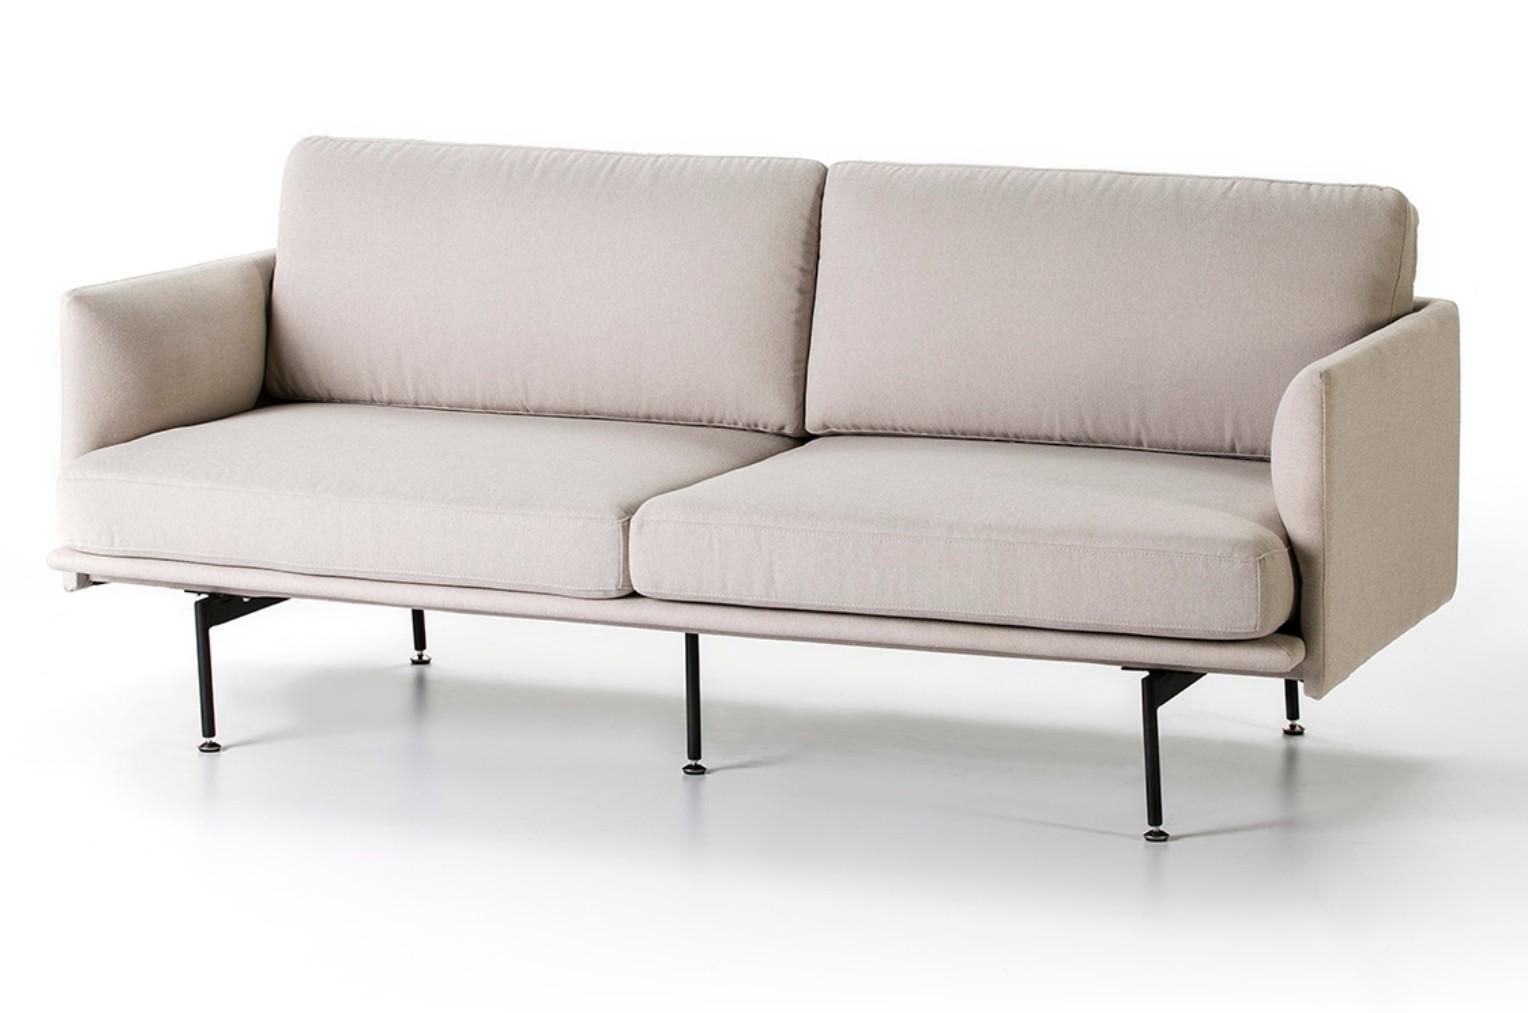 canapé 3 places moderne tissu beige dafnée l 170 cm   lestendances.fr